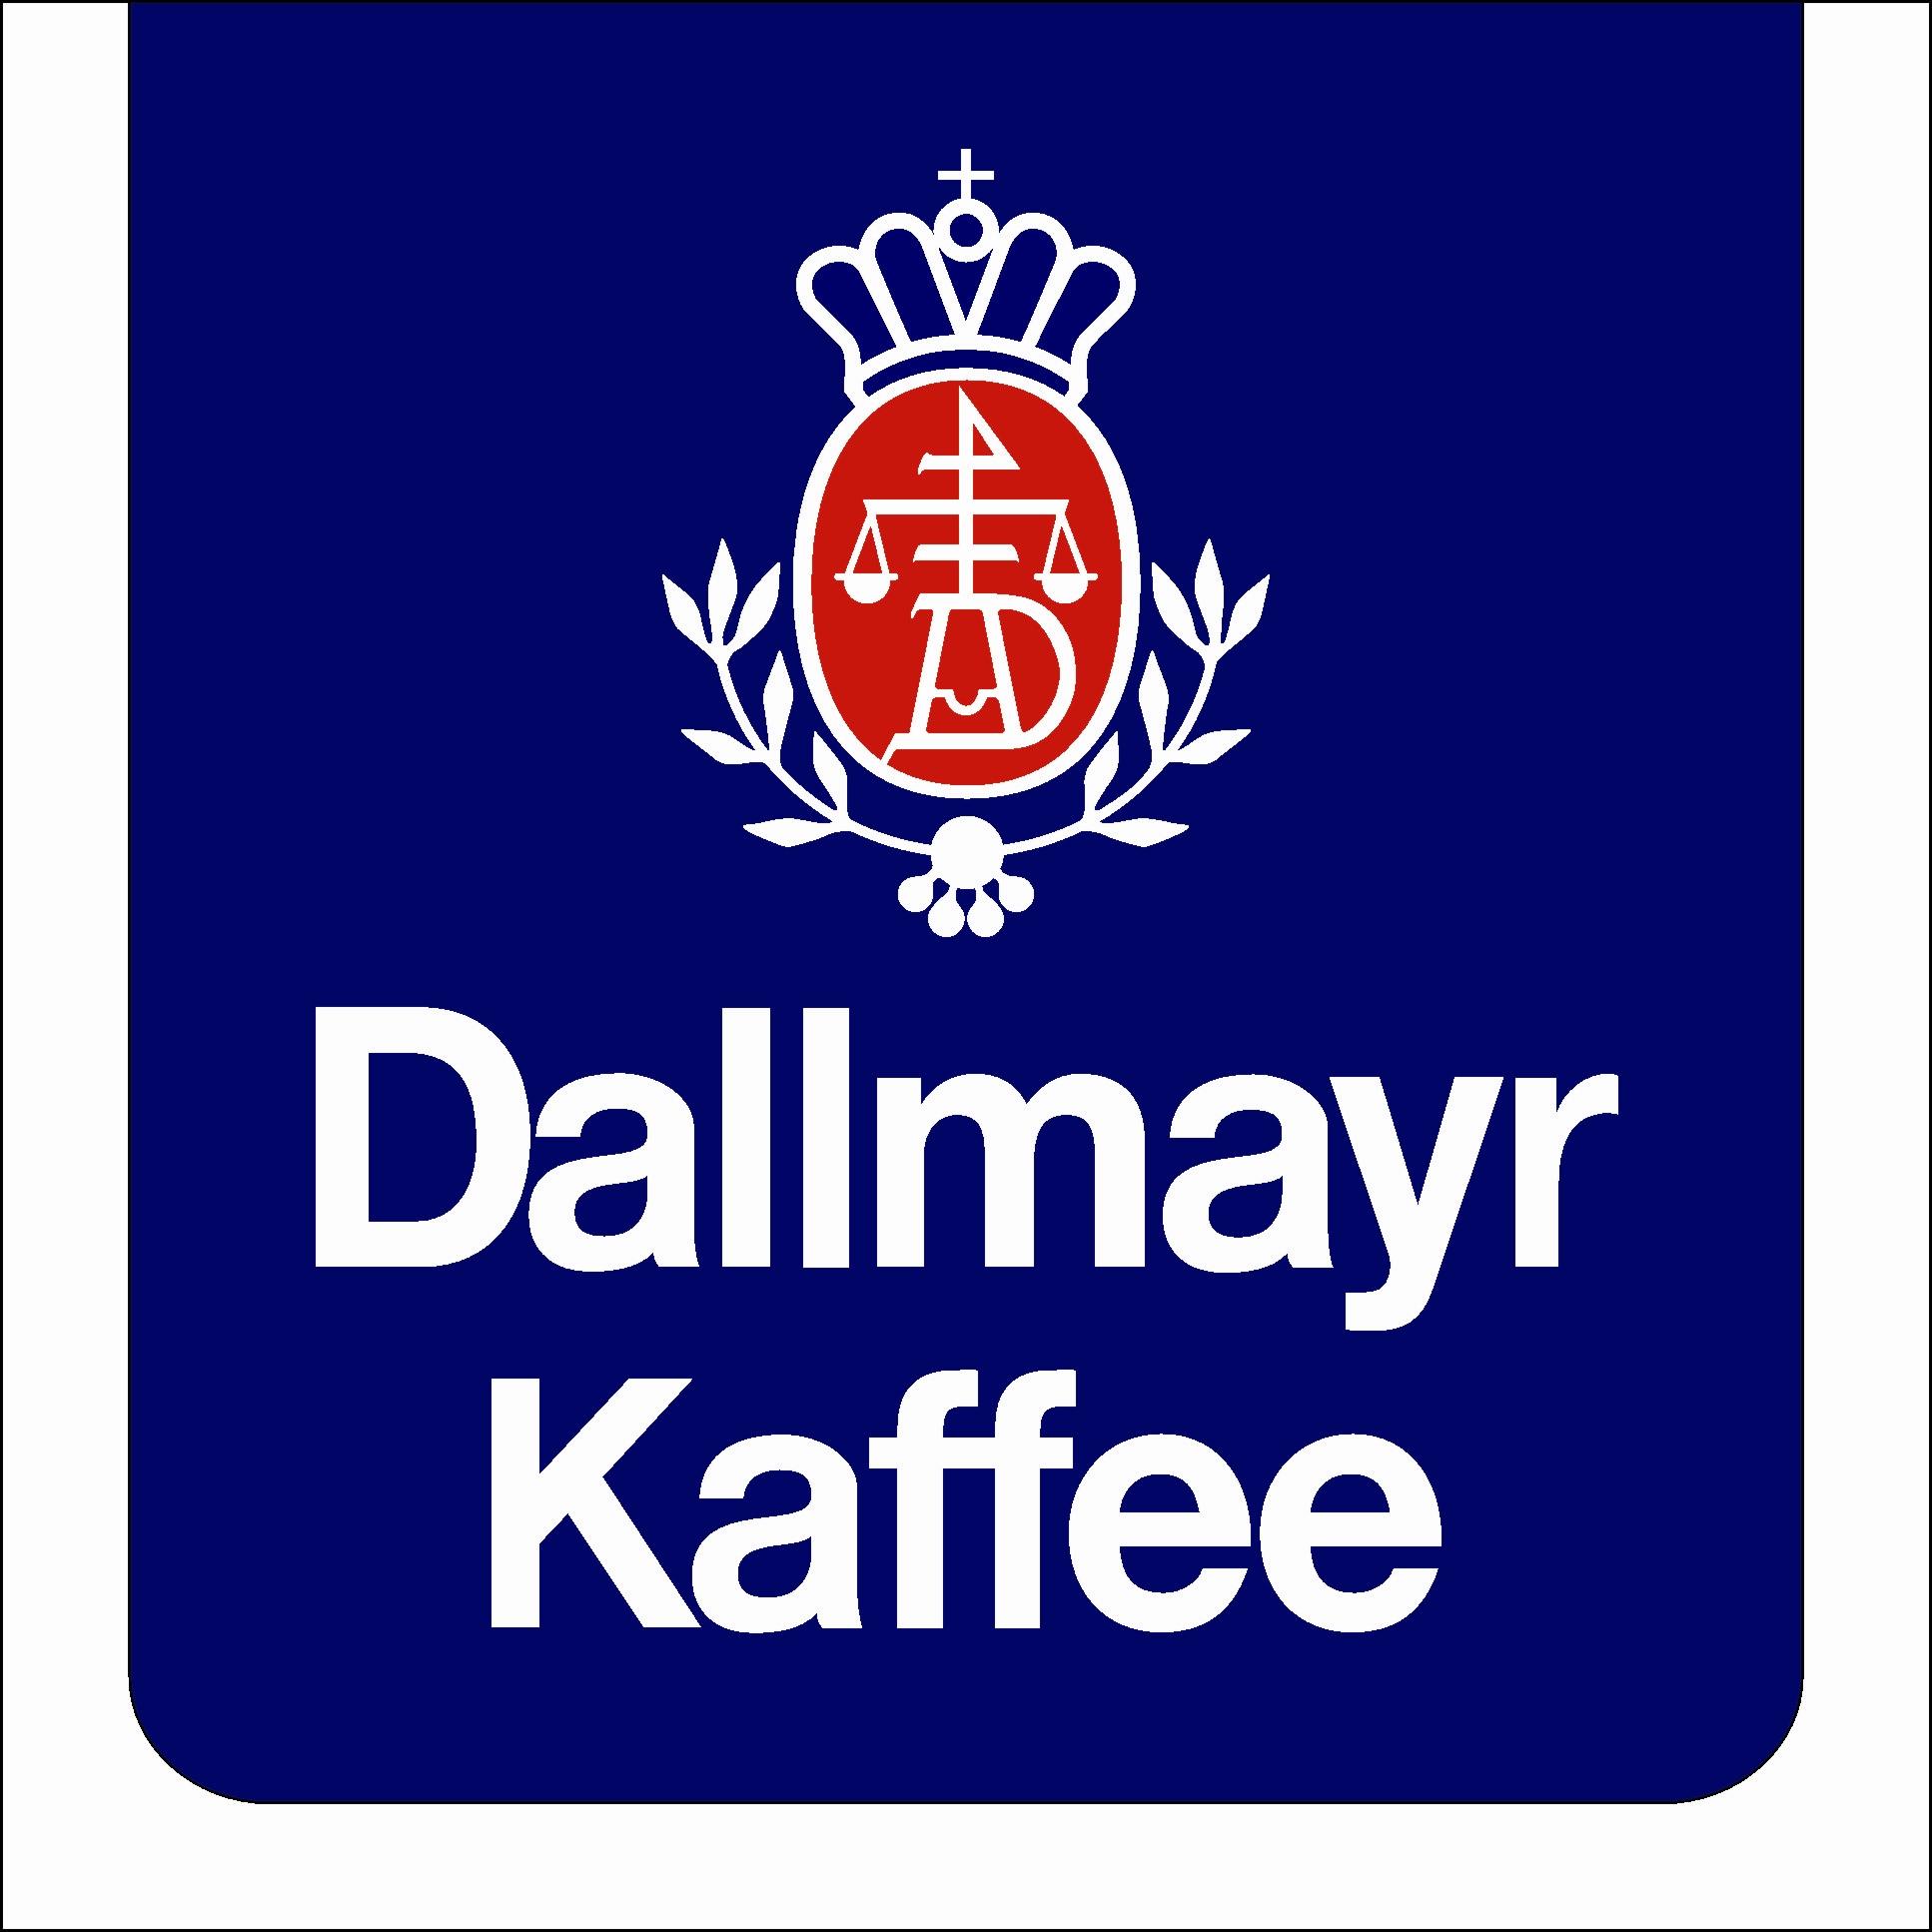 dallmayr kaffee #211038 - uludağ sözlük galeri